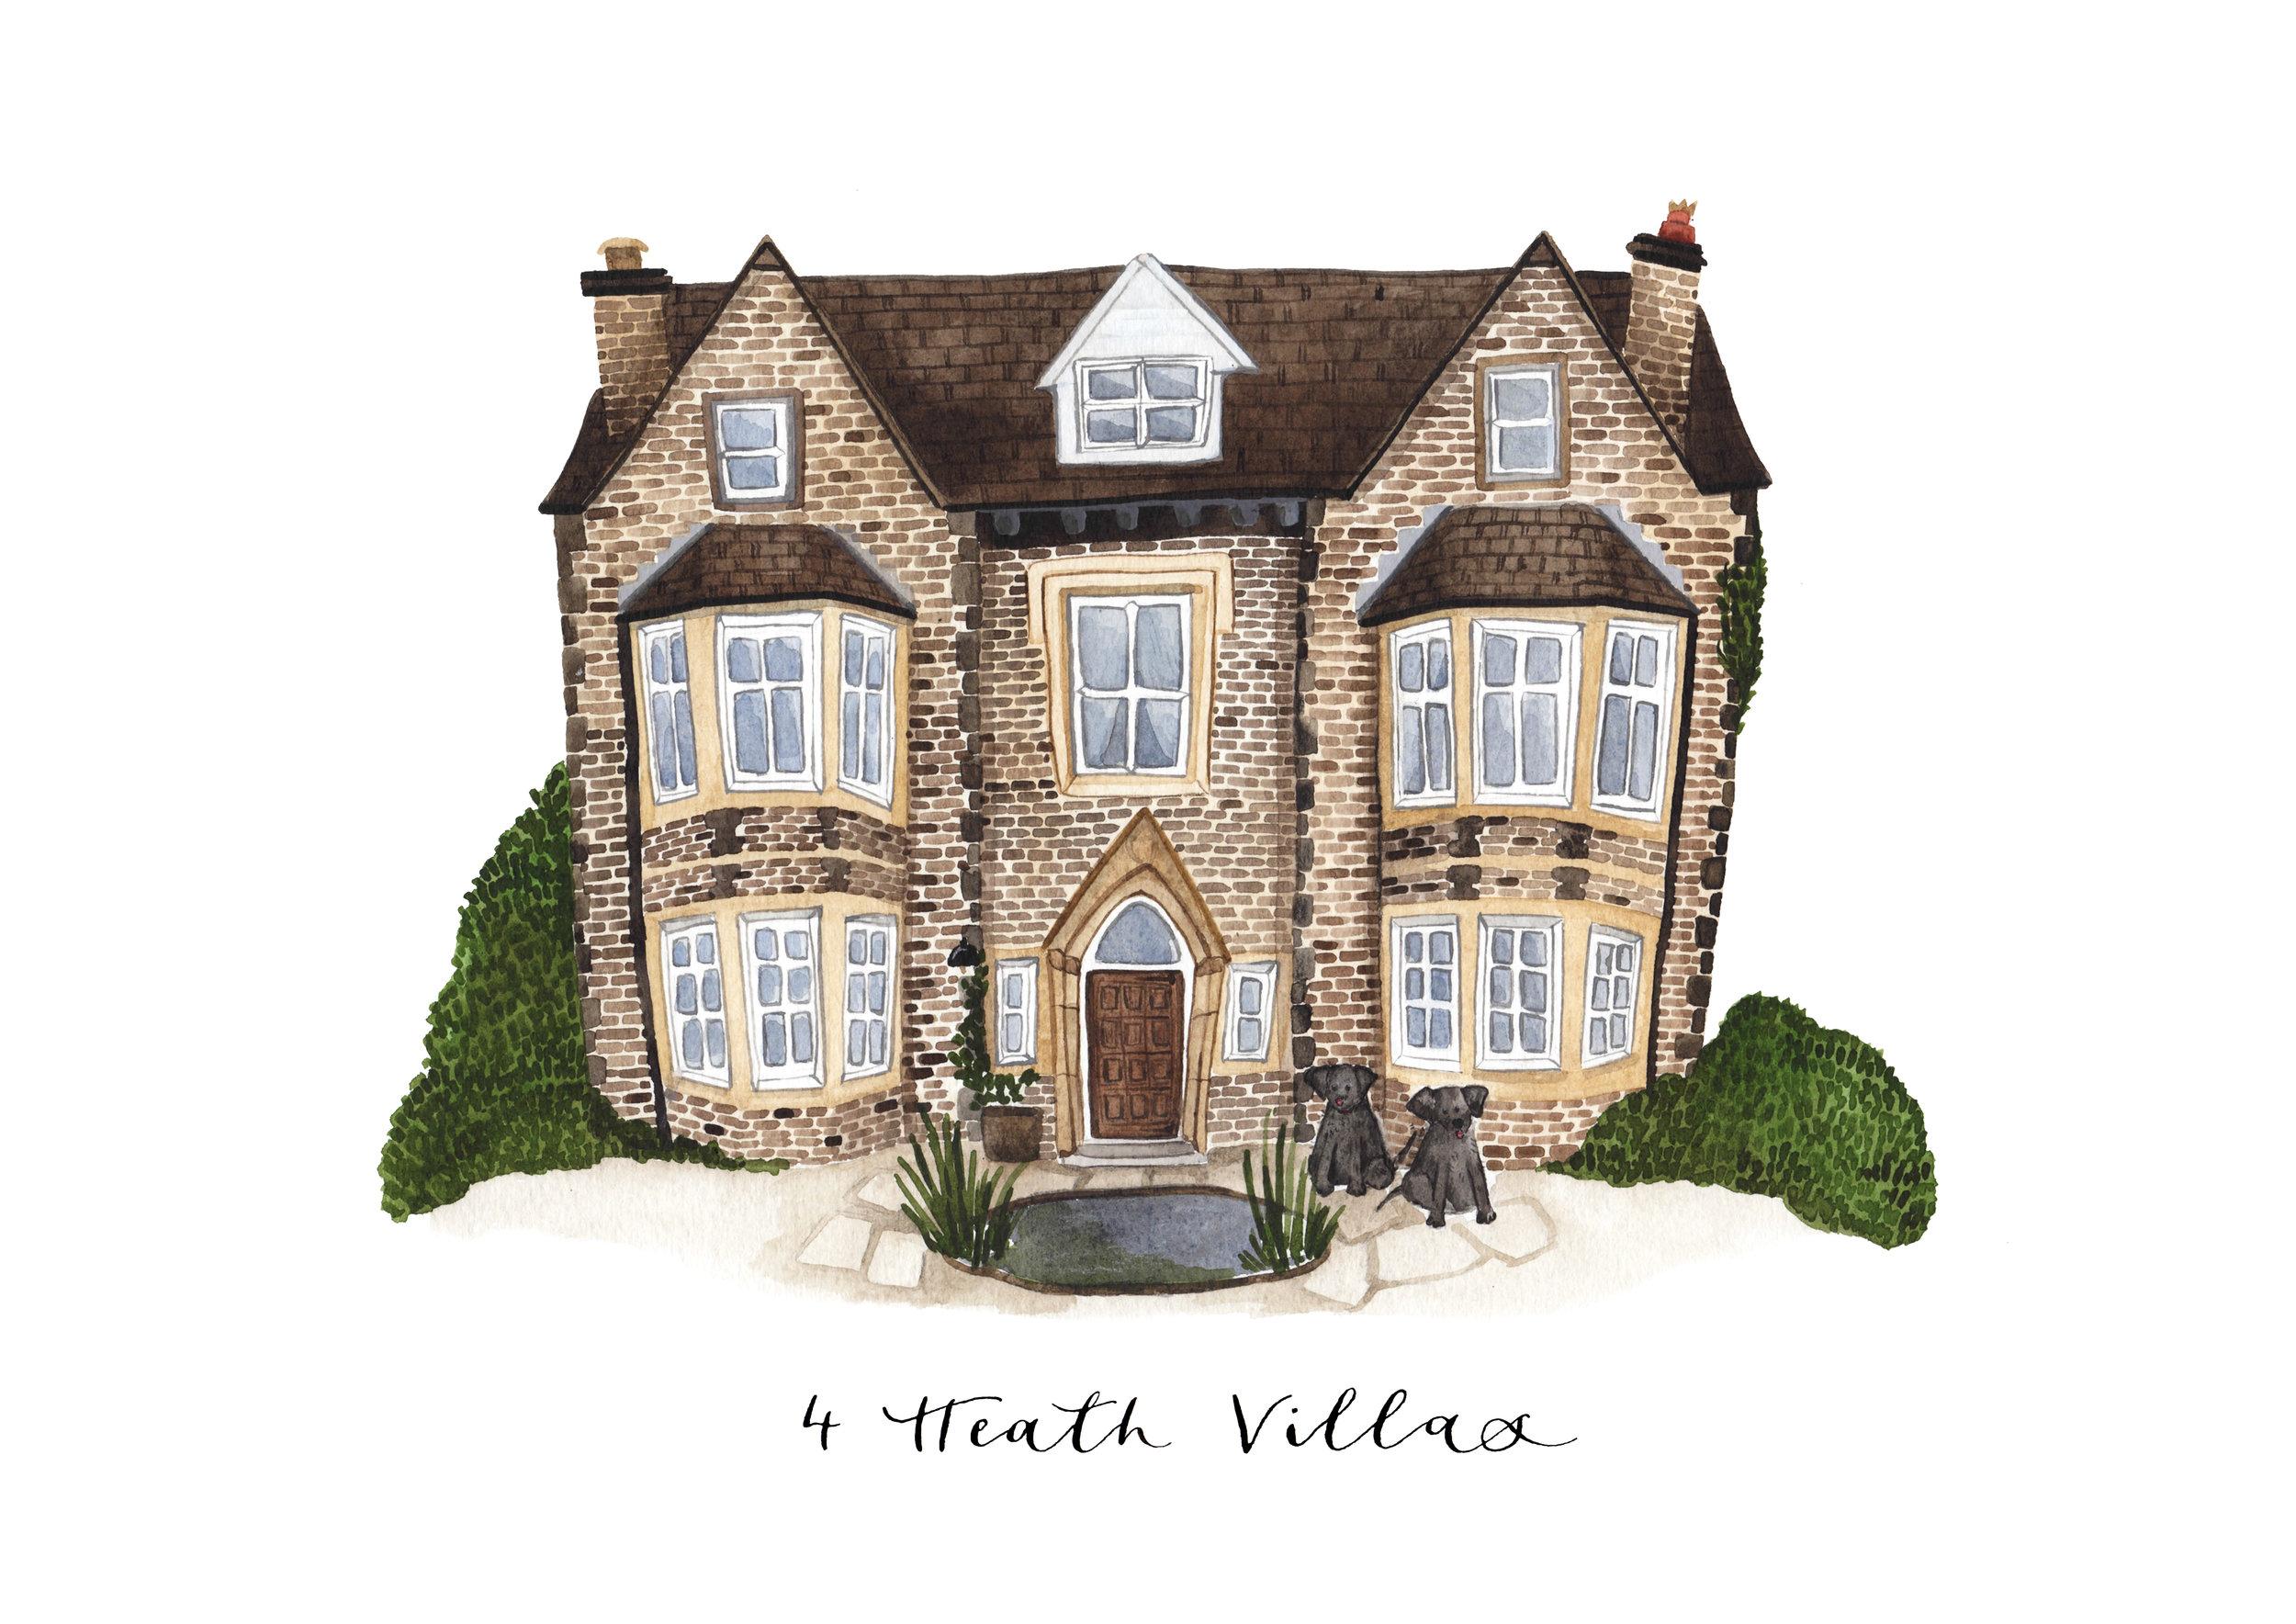 4 Heath Villas.jpg